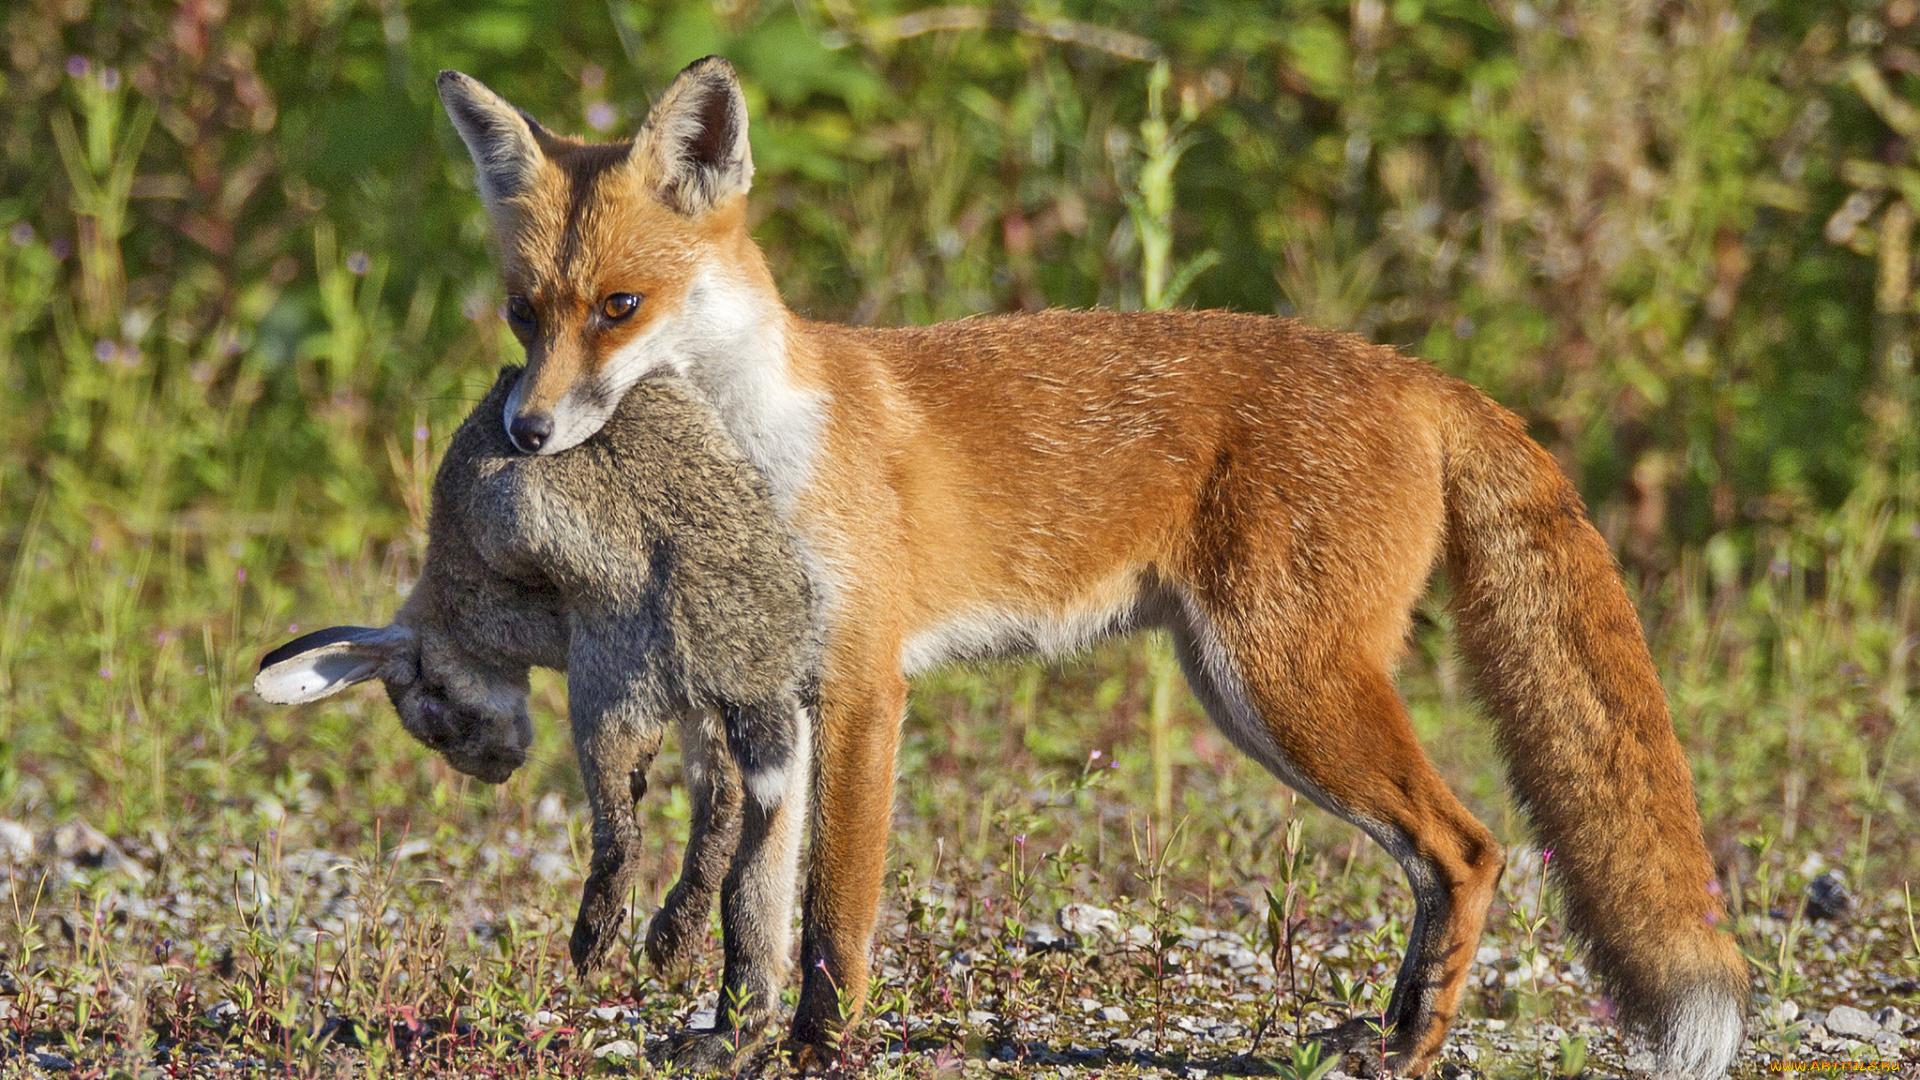 снежинками картинка лиса и кролик в лесу нему близко, становится